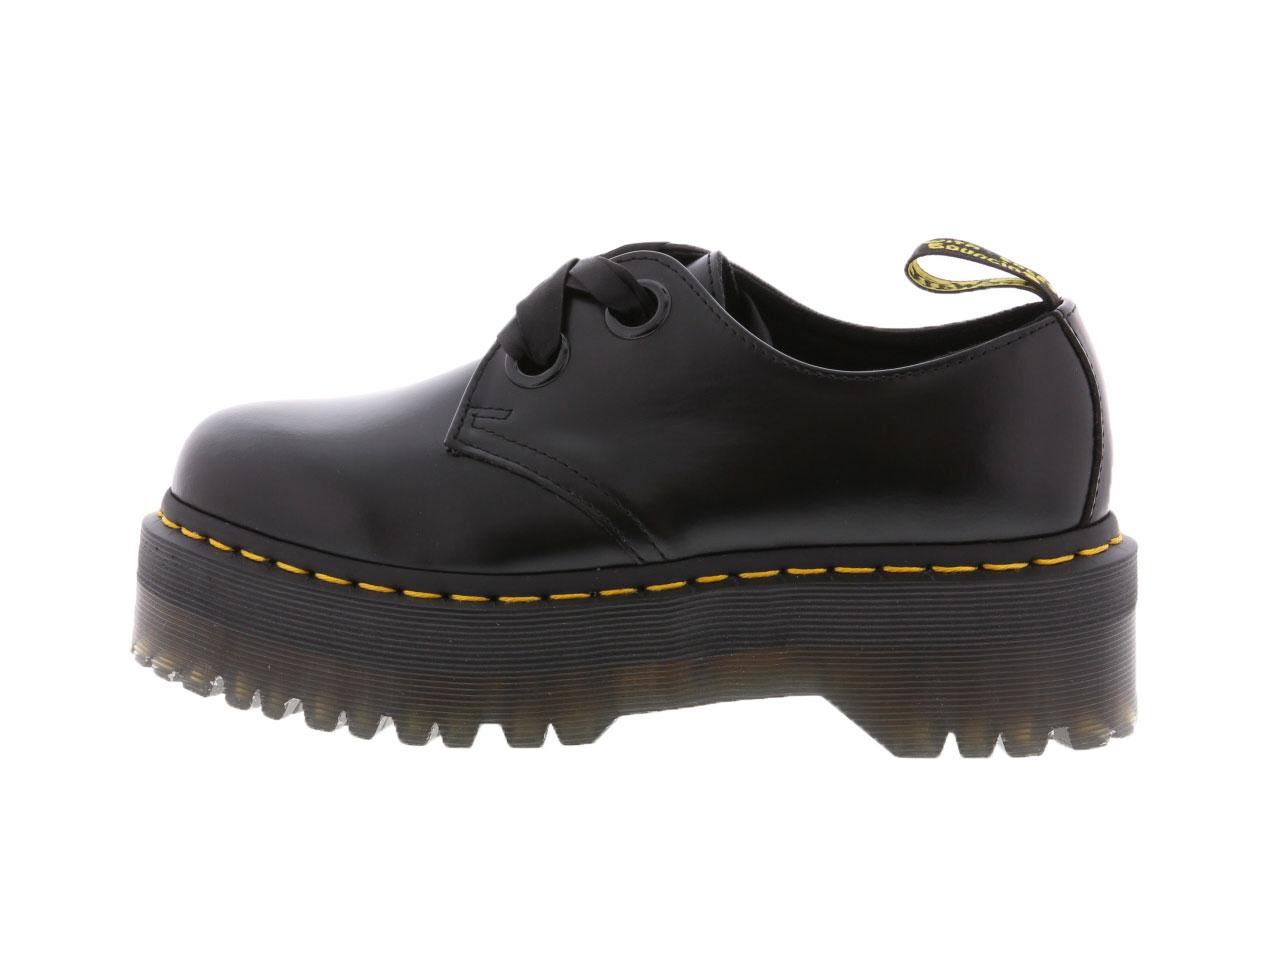 Dr.Martens HOLLY(25234001)【ドクターマーチン】【レディースファッション】【シューズ】【ブーツ】【ストリート】【パンク】【ストアレビュー記載でソックスプレゼント対象品】